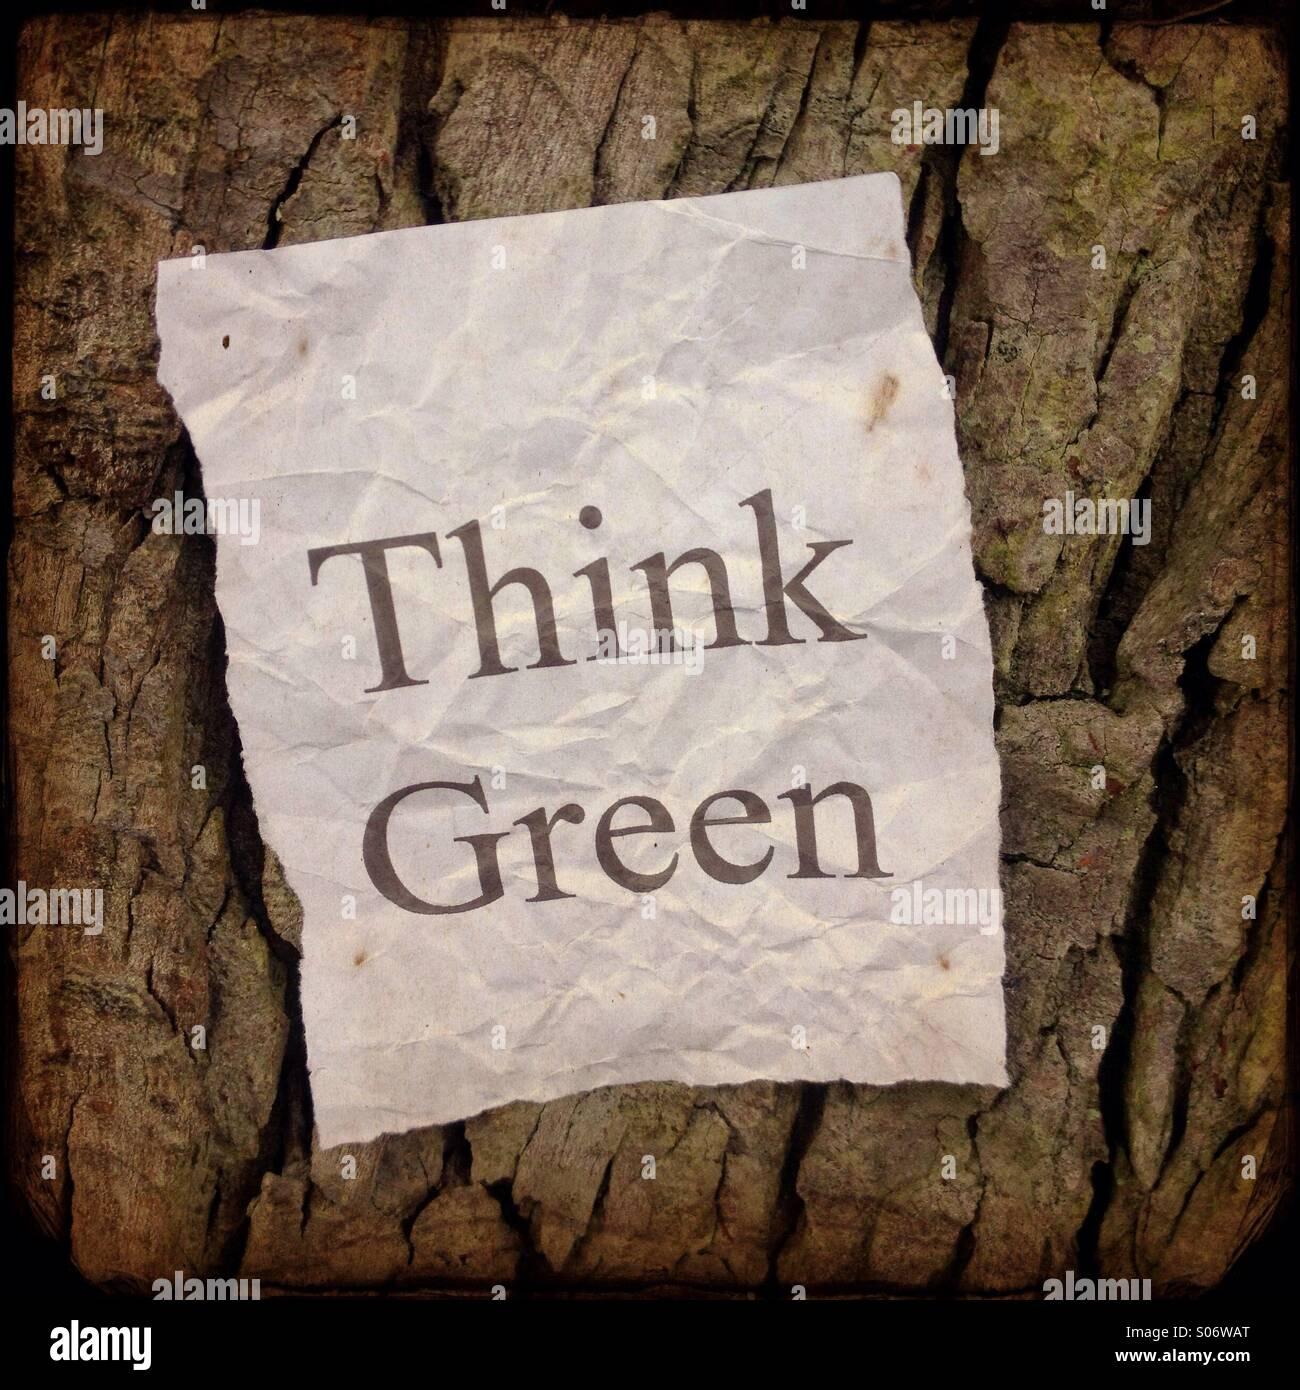 Pensare verde messaggio su una carta sgualcita bando di gara pubblicato sulla corteccia di albero. Un promemoria Immagini Stock